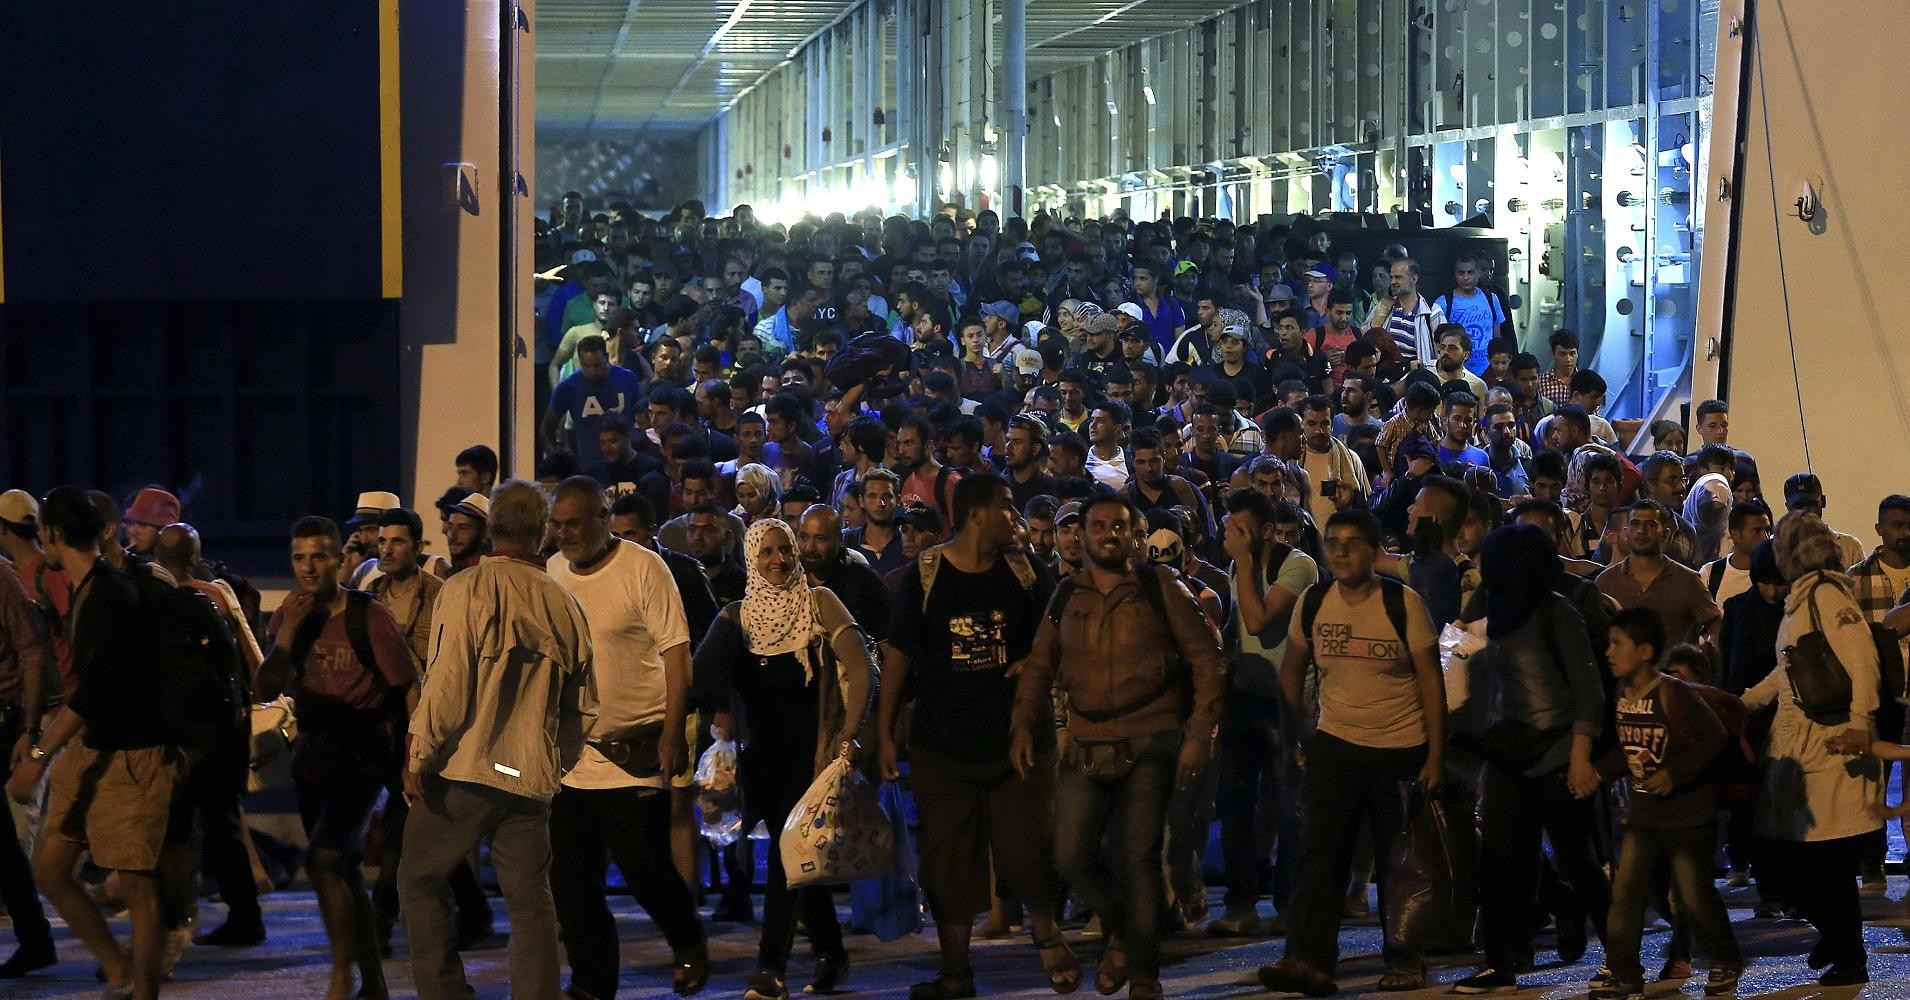 ИГИЛ обучает собственных злоумышленников притворяться беженцами, чтобы попасть вЕвропу